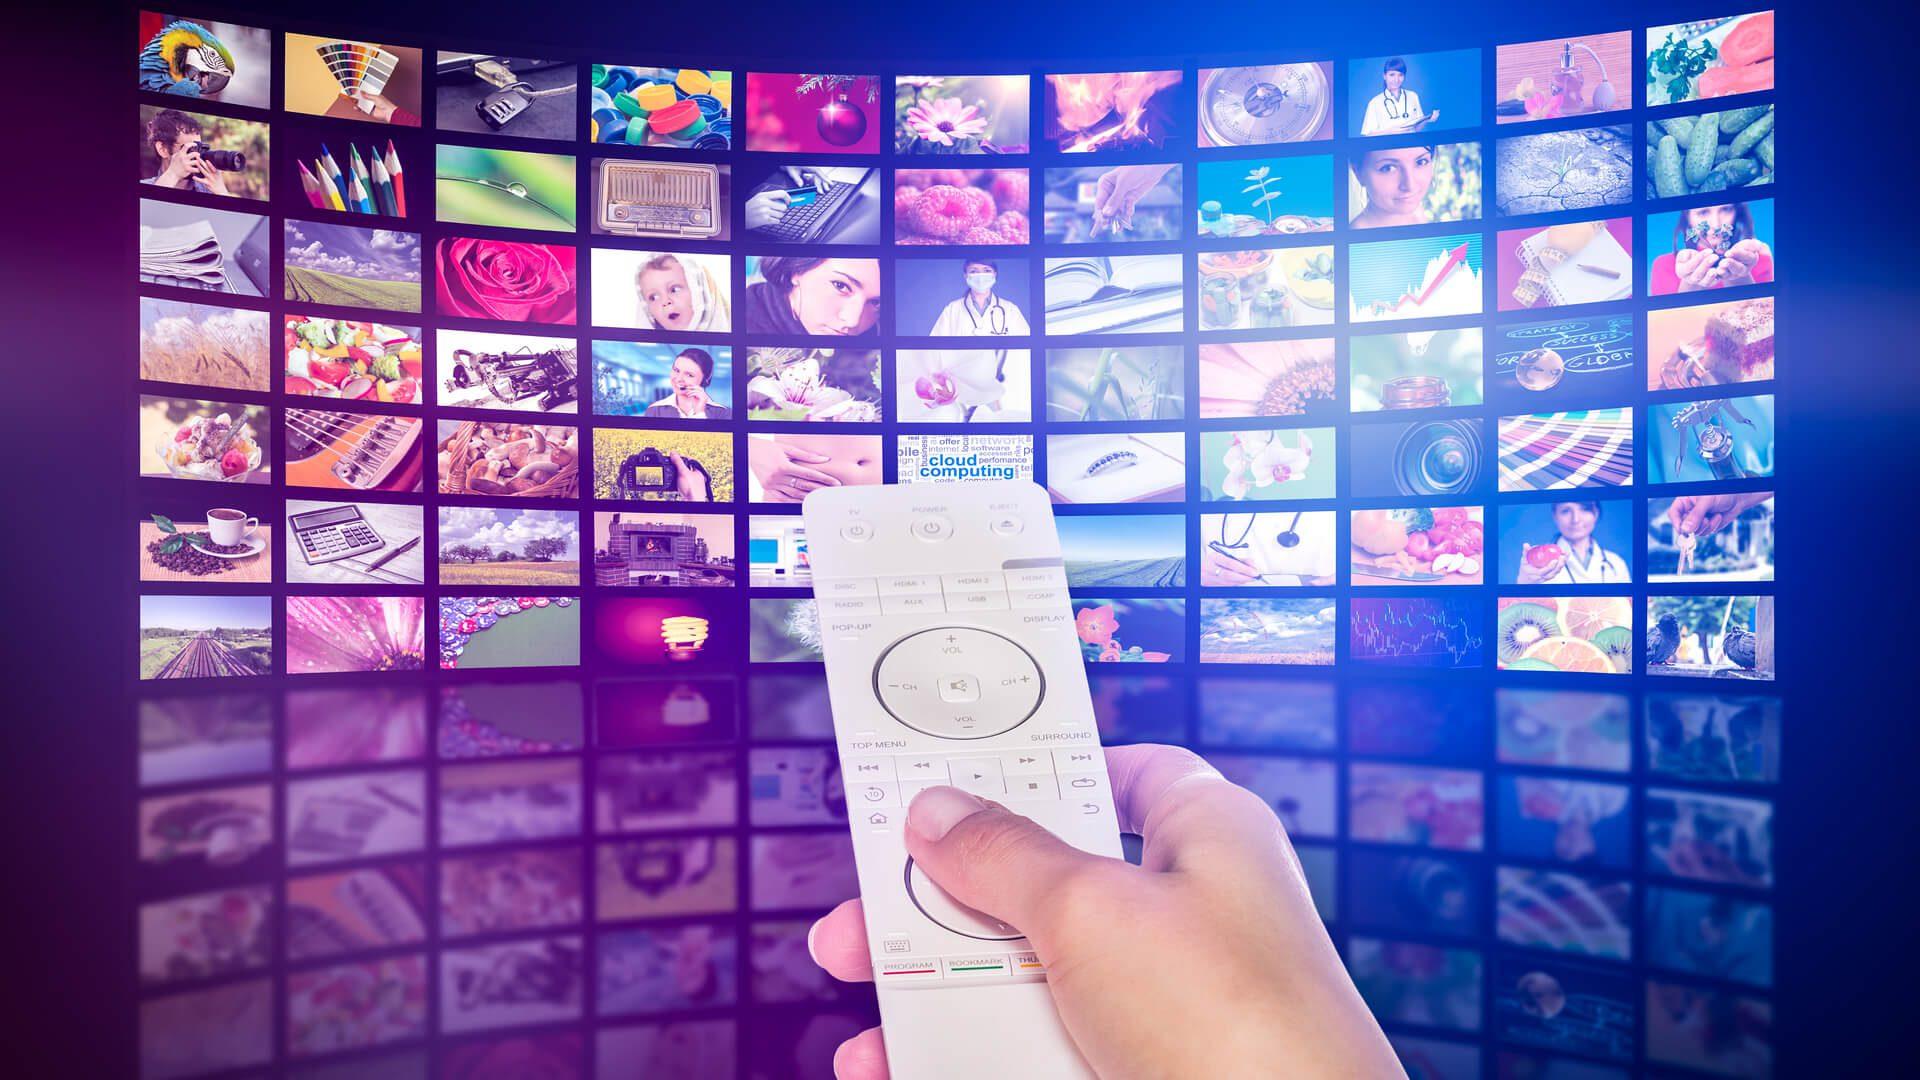 Co to jest Smart TV? Czy warto mieć coś takiego?